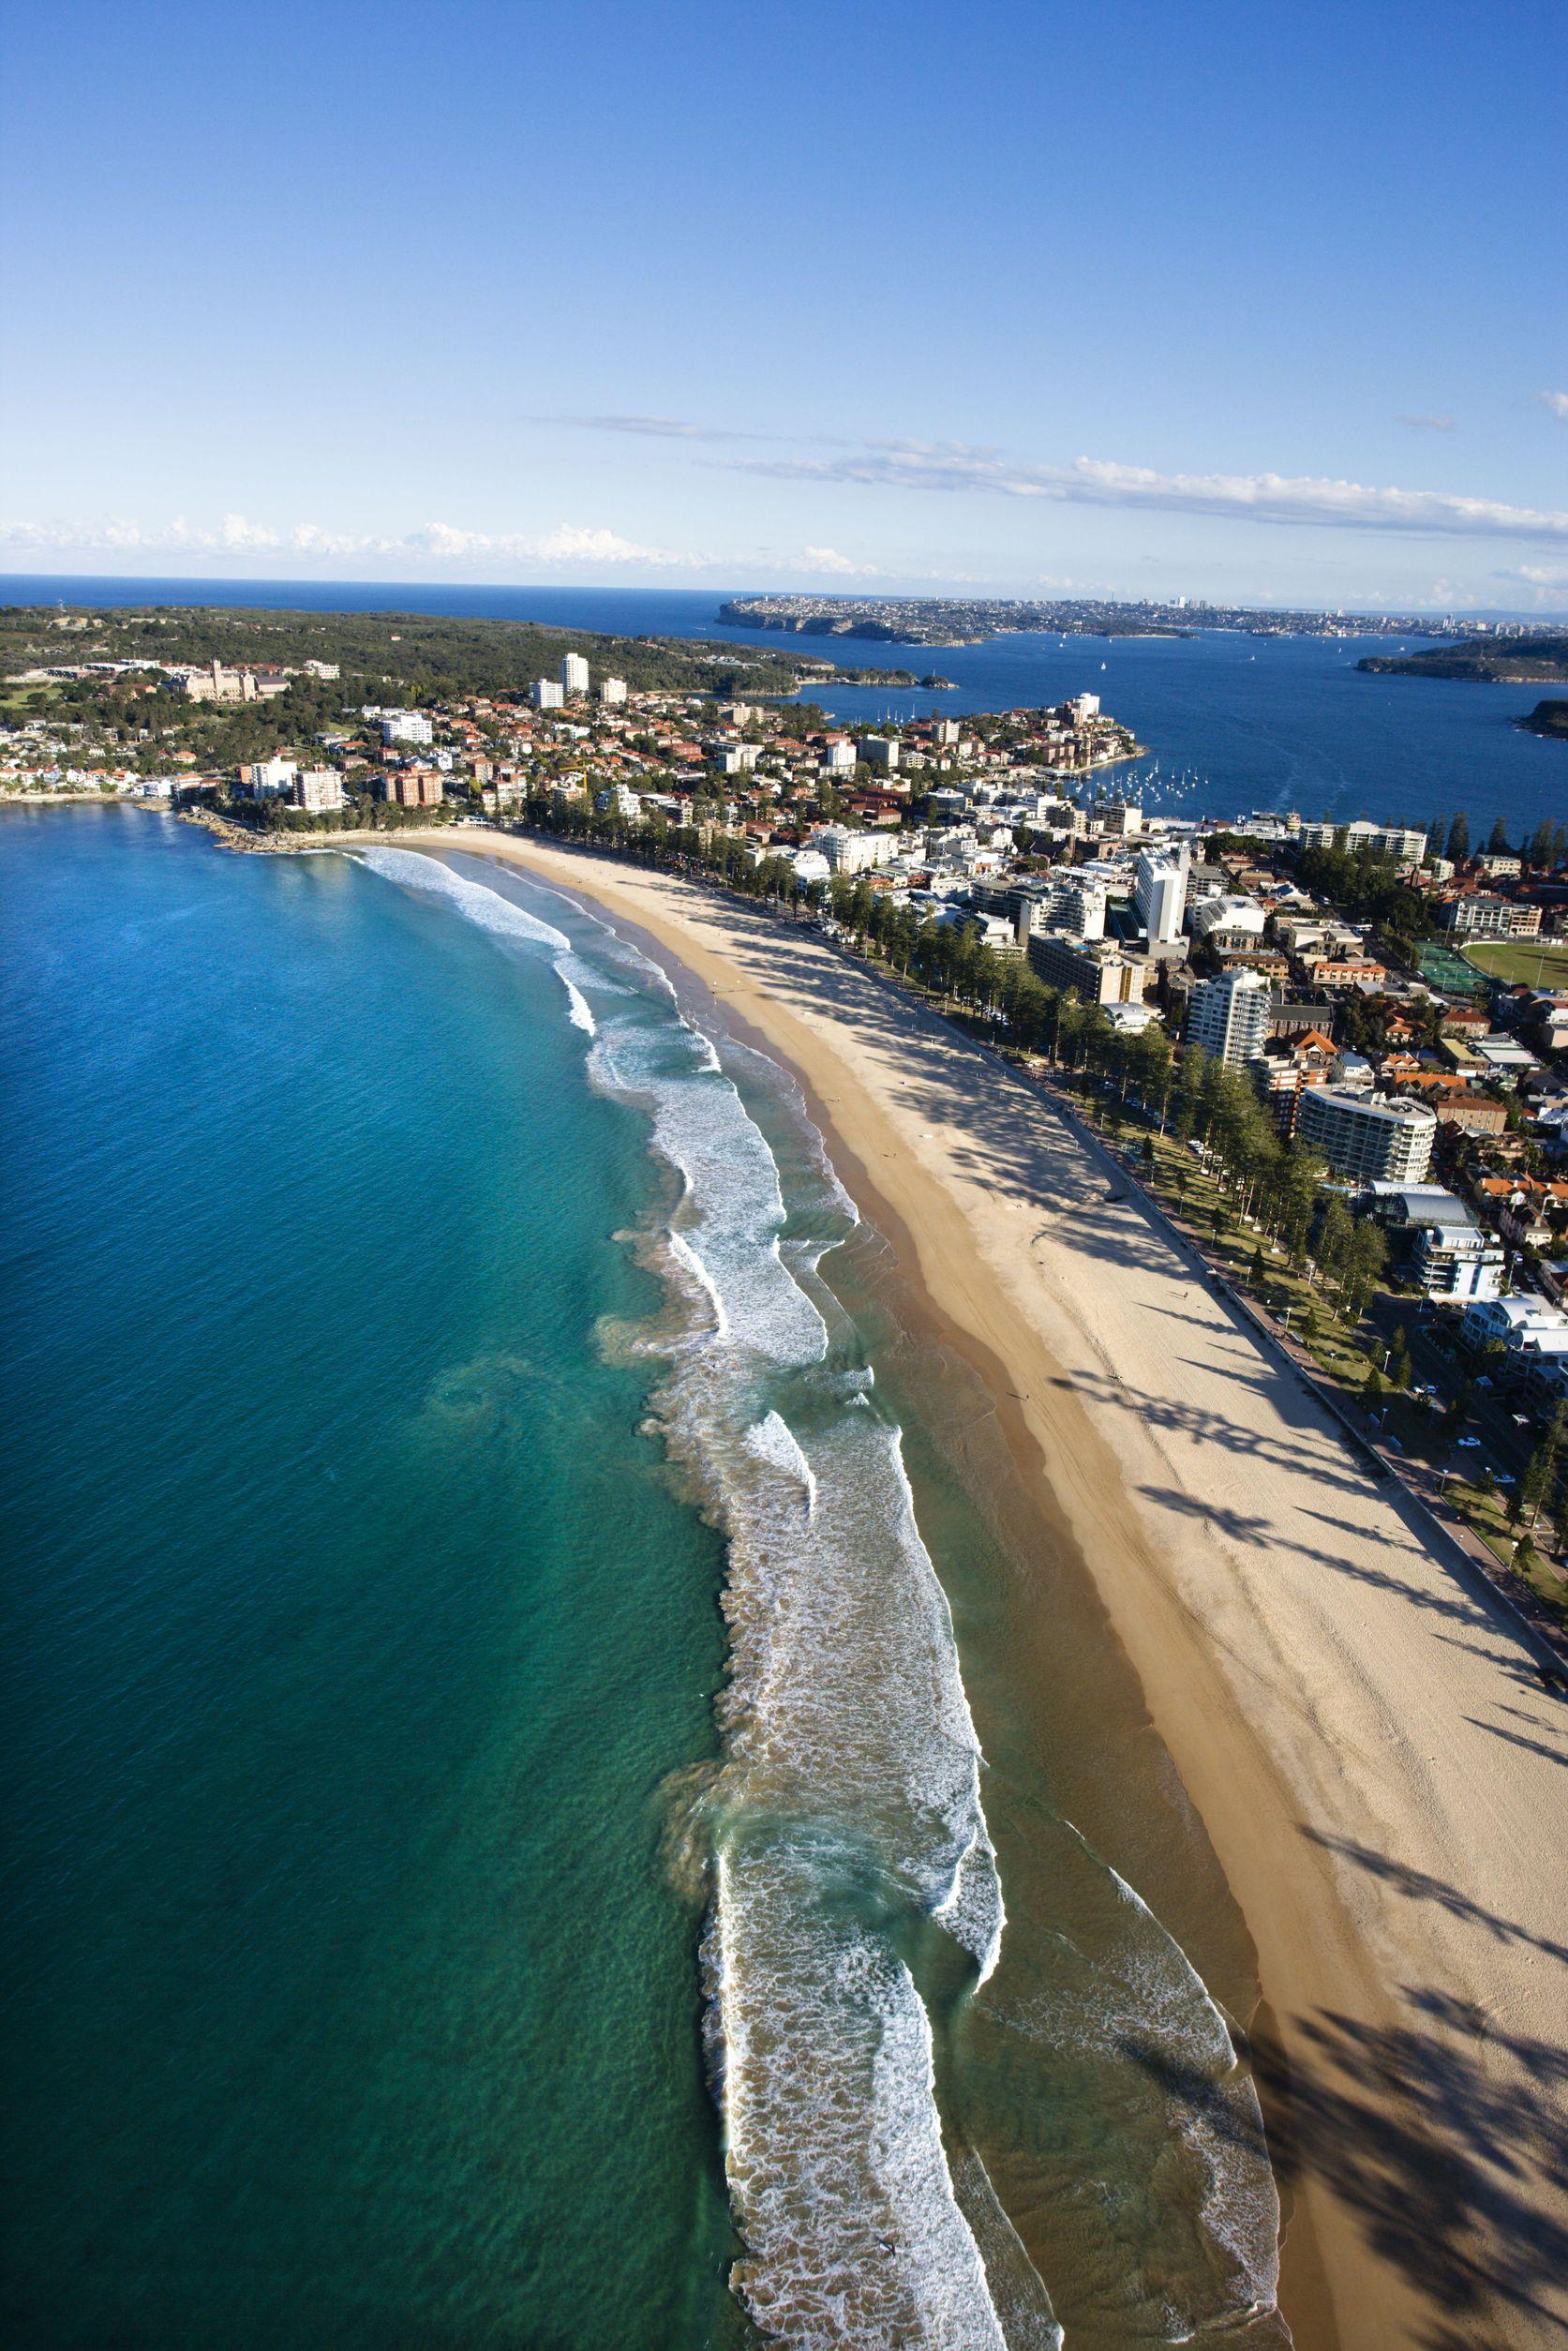 australia manly beach 123rf